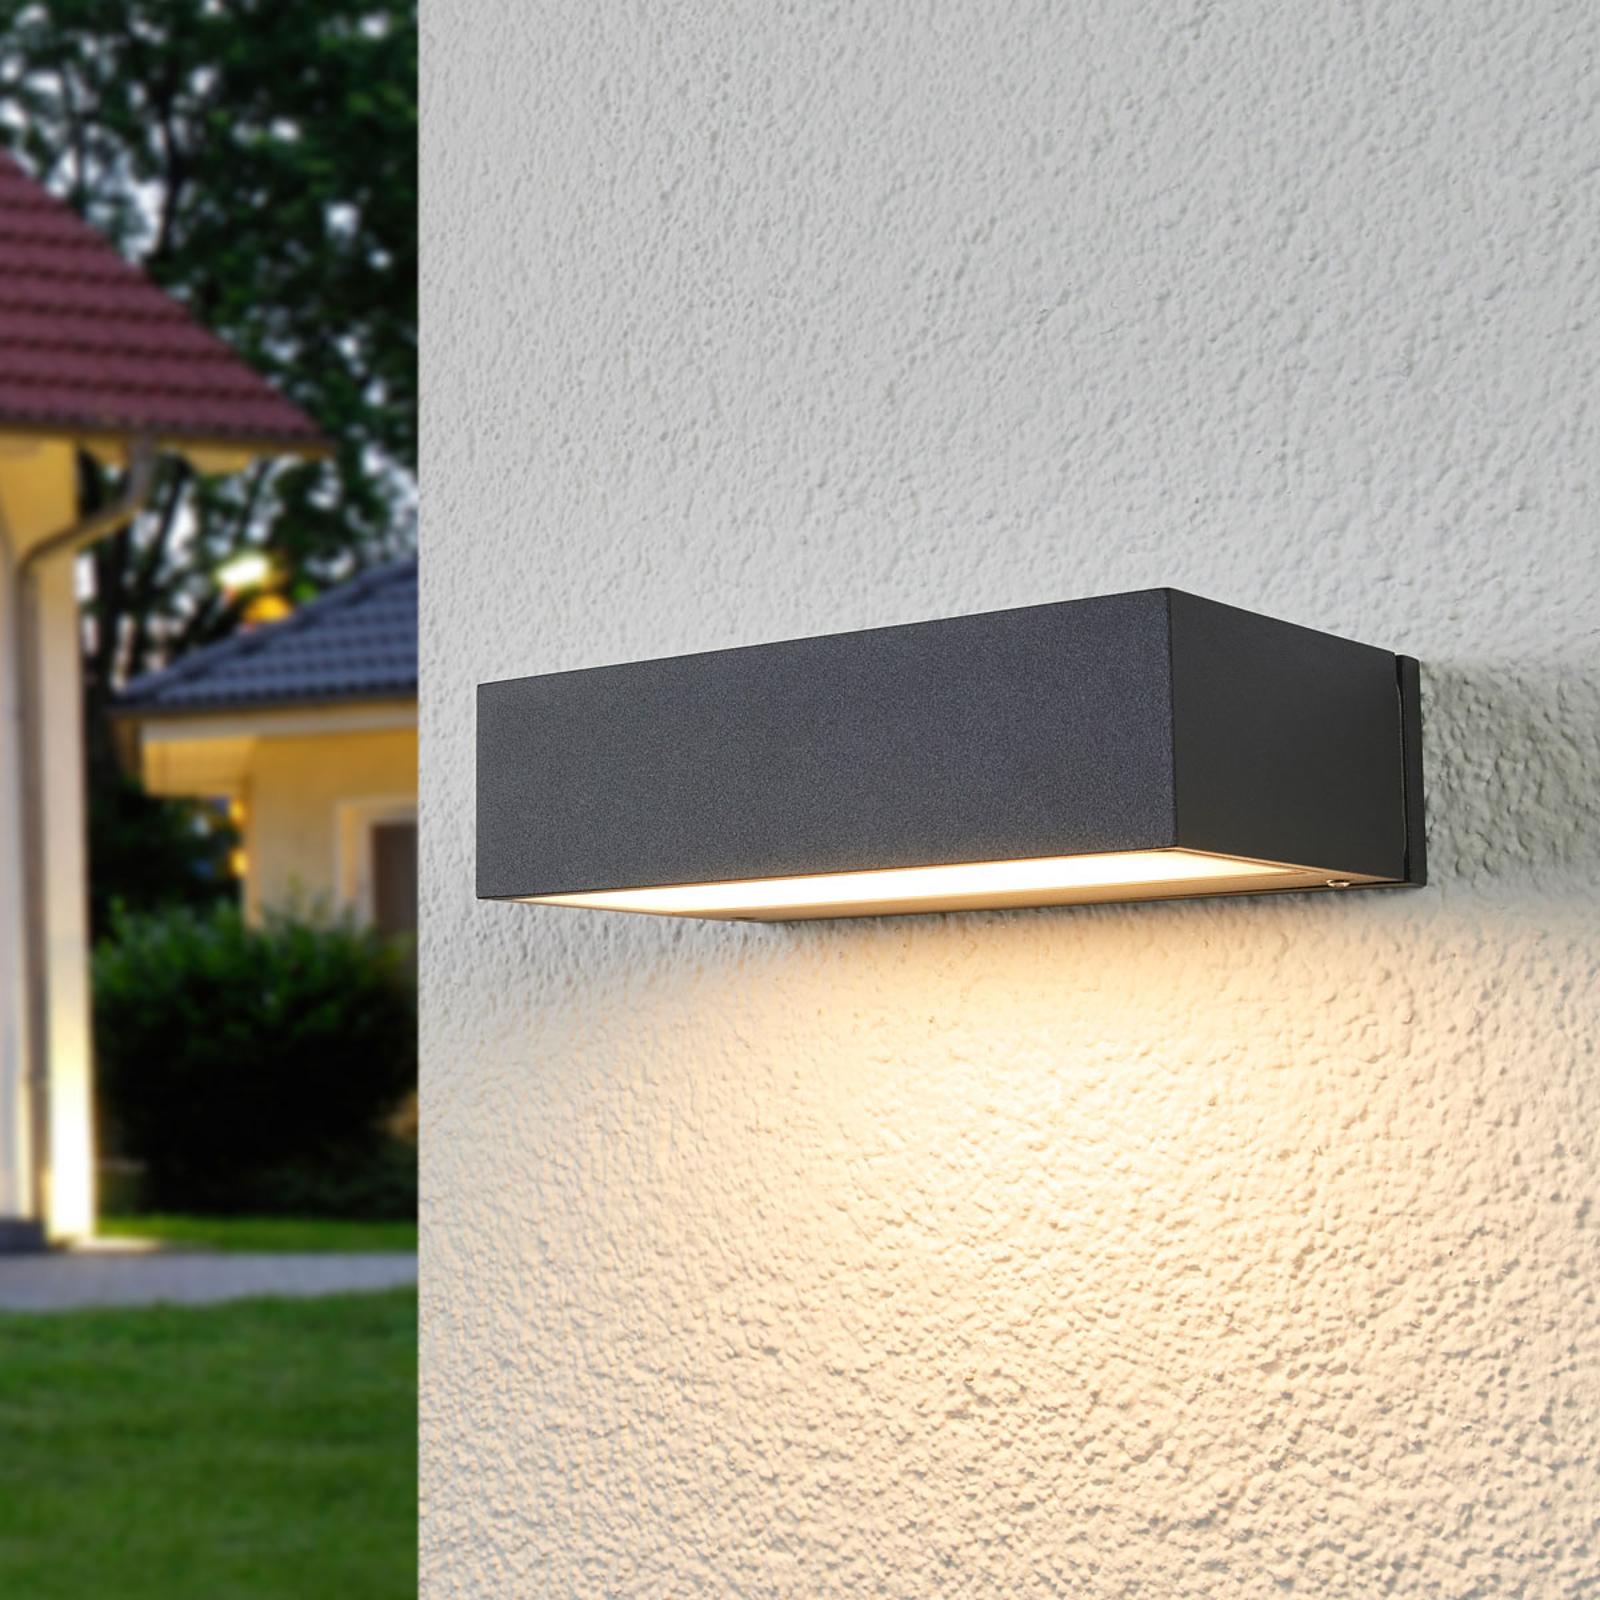 BEGA 33319K3 LED wall lamp down graphite 3,000 K_1566014_1